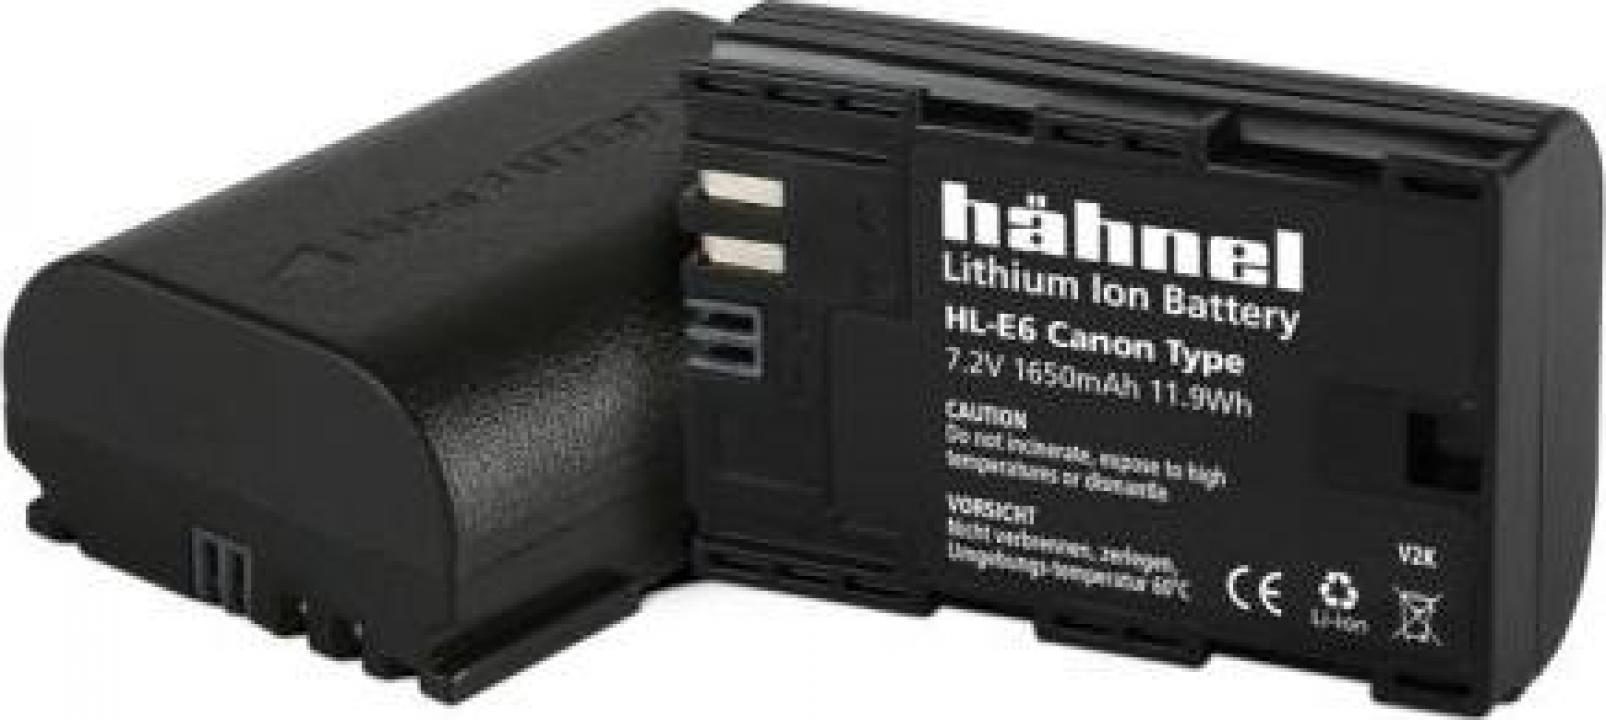 Acumulator Hahnel HL-E6 Canon LP-E6 1650mAh